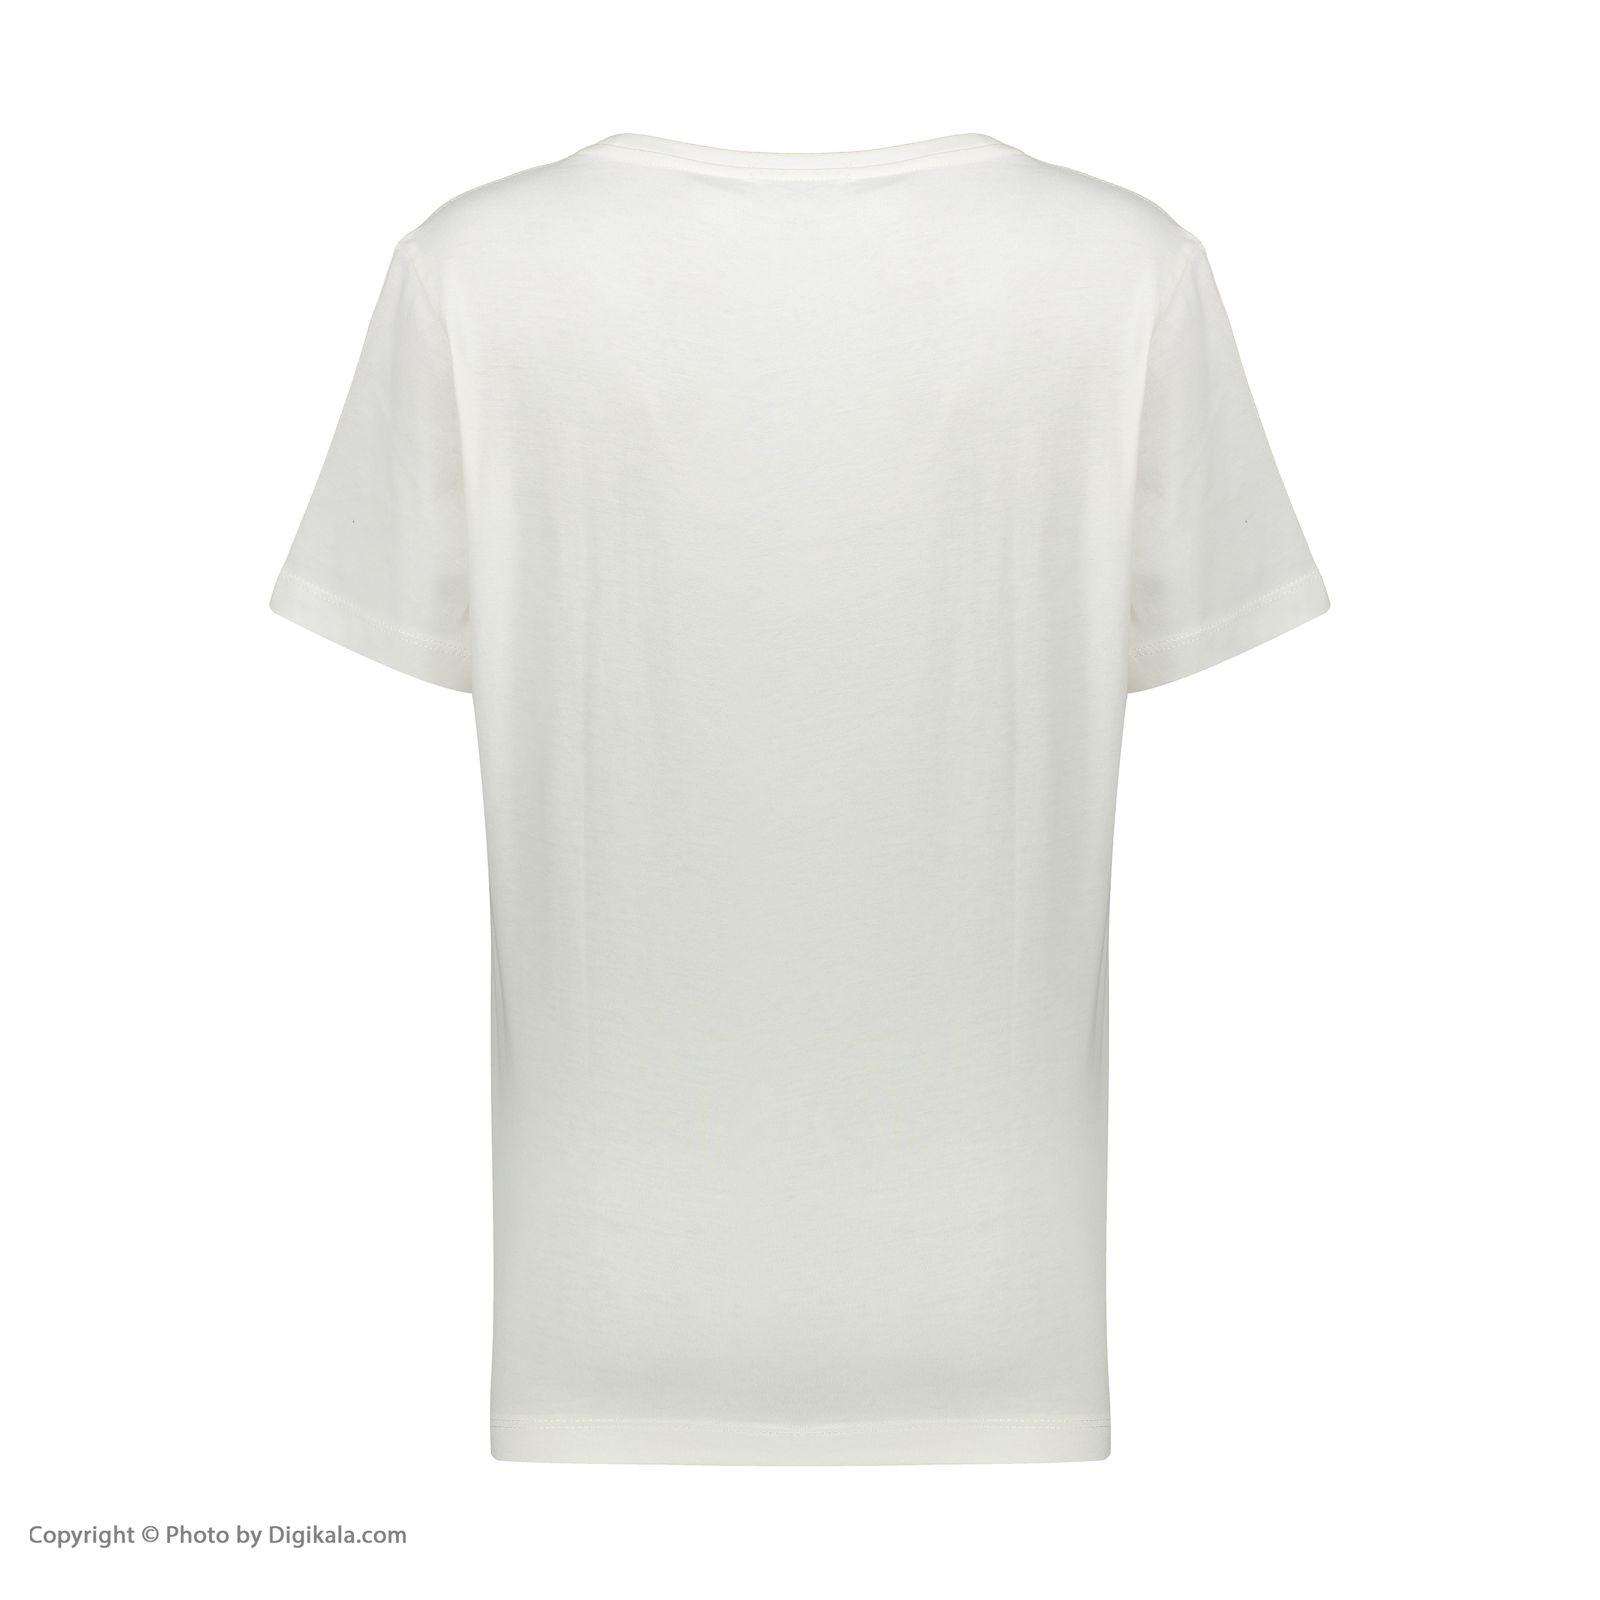 تی شرت زنانه جامه پوش آرا مدل 4012019475-05 -  - 5